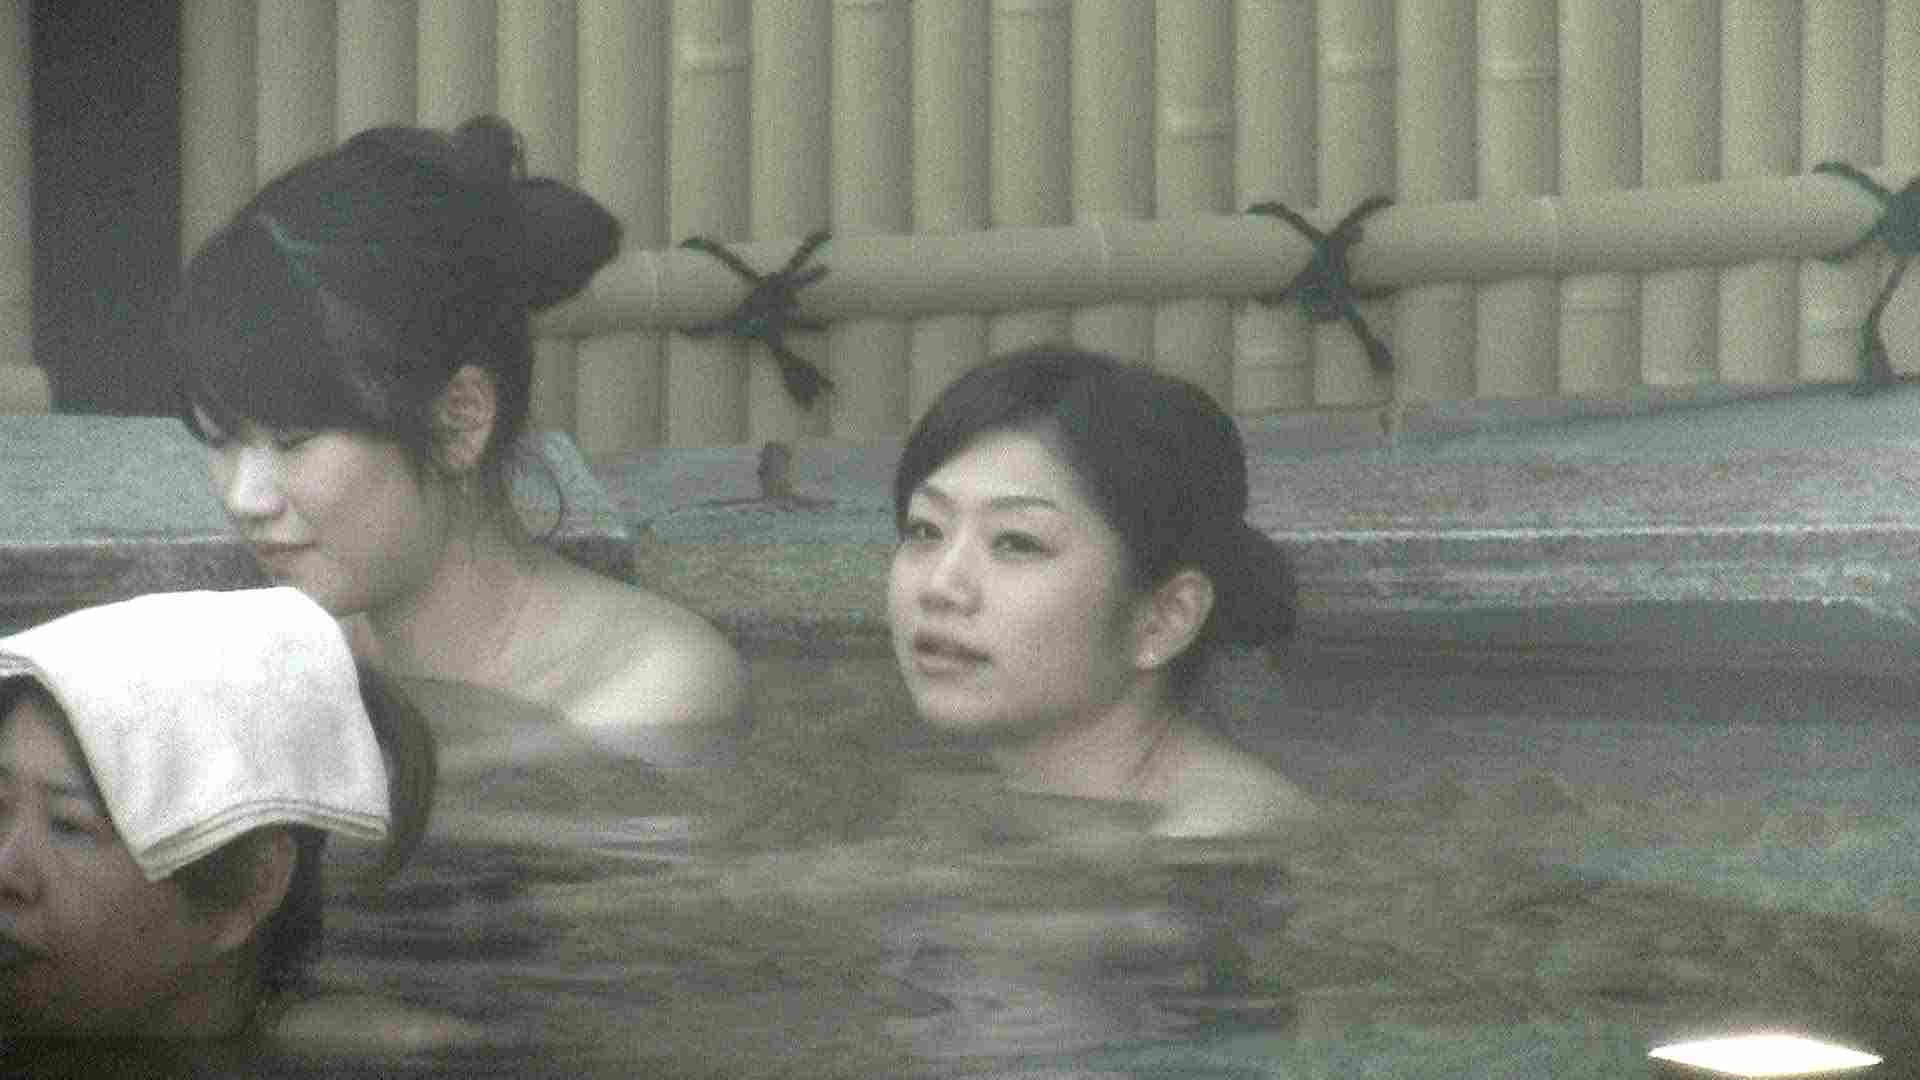 Aquaな露天風呂Vol.206 露天  42pic 15